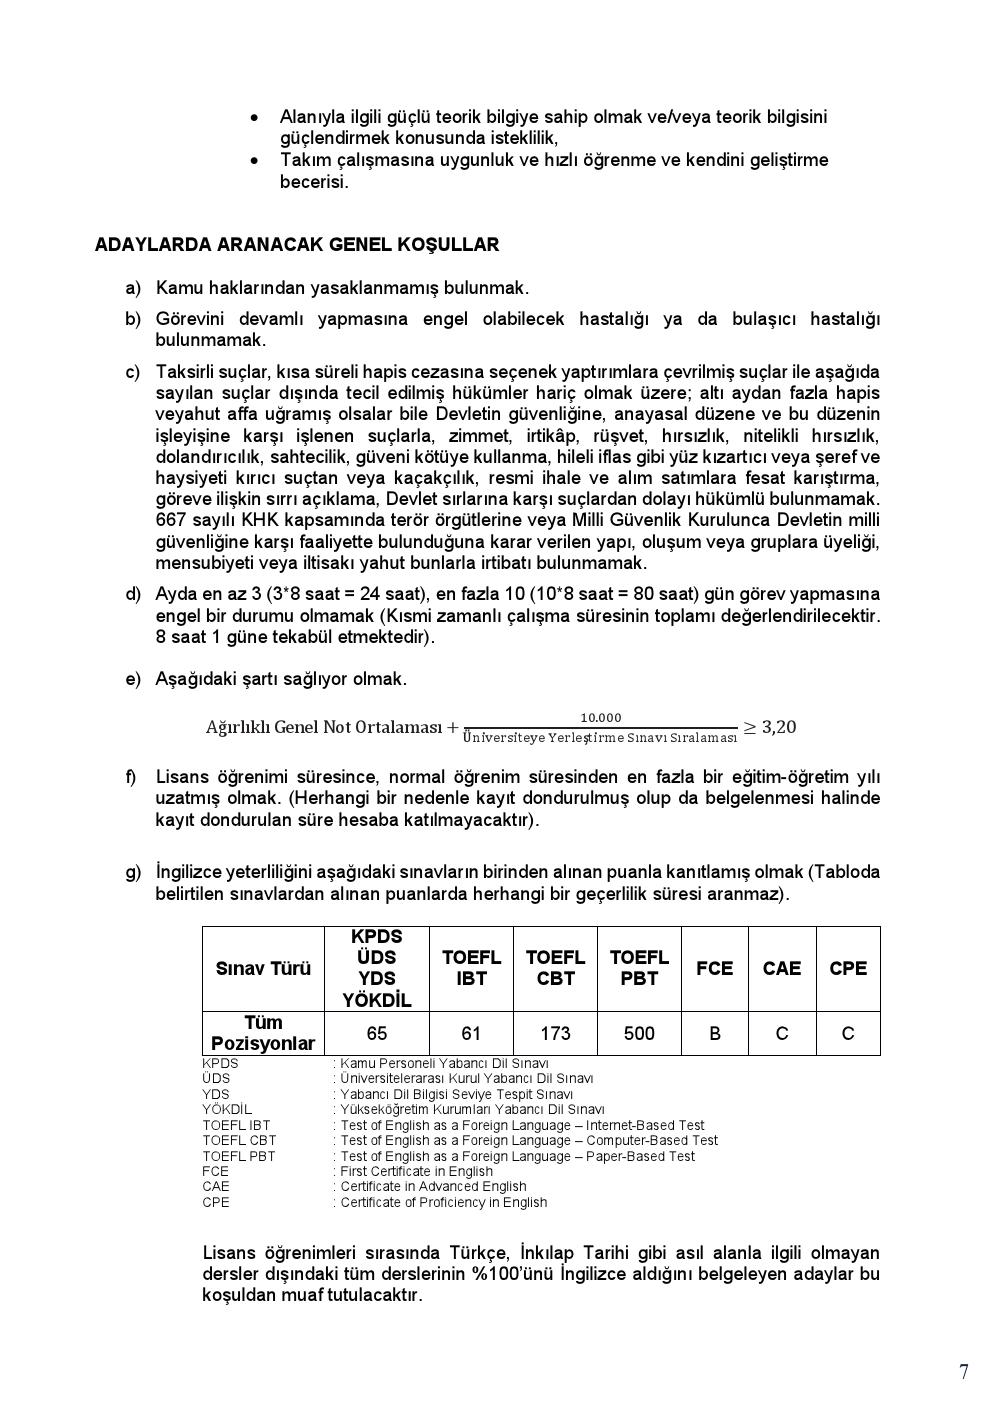 ankara-tubitak-sage-26-04-2021-000008.png